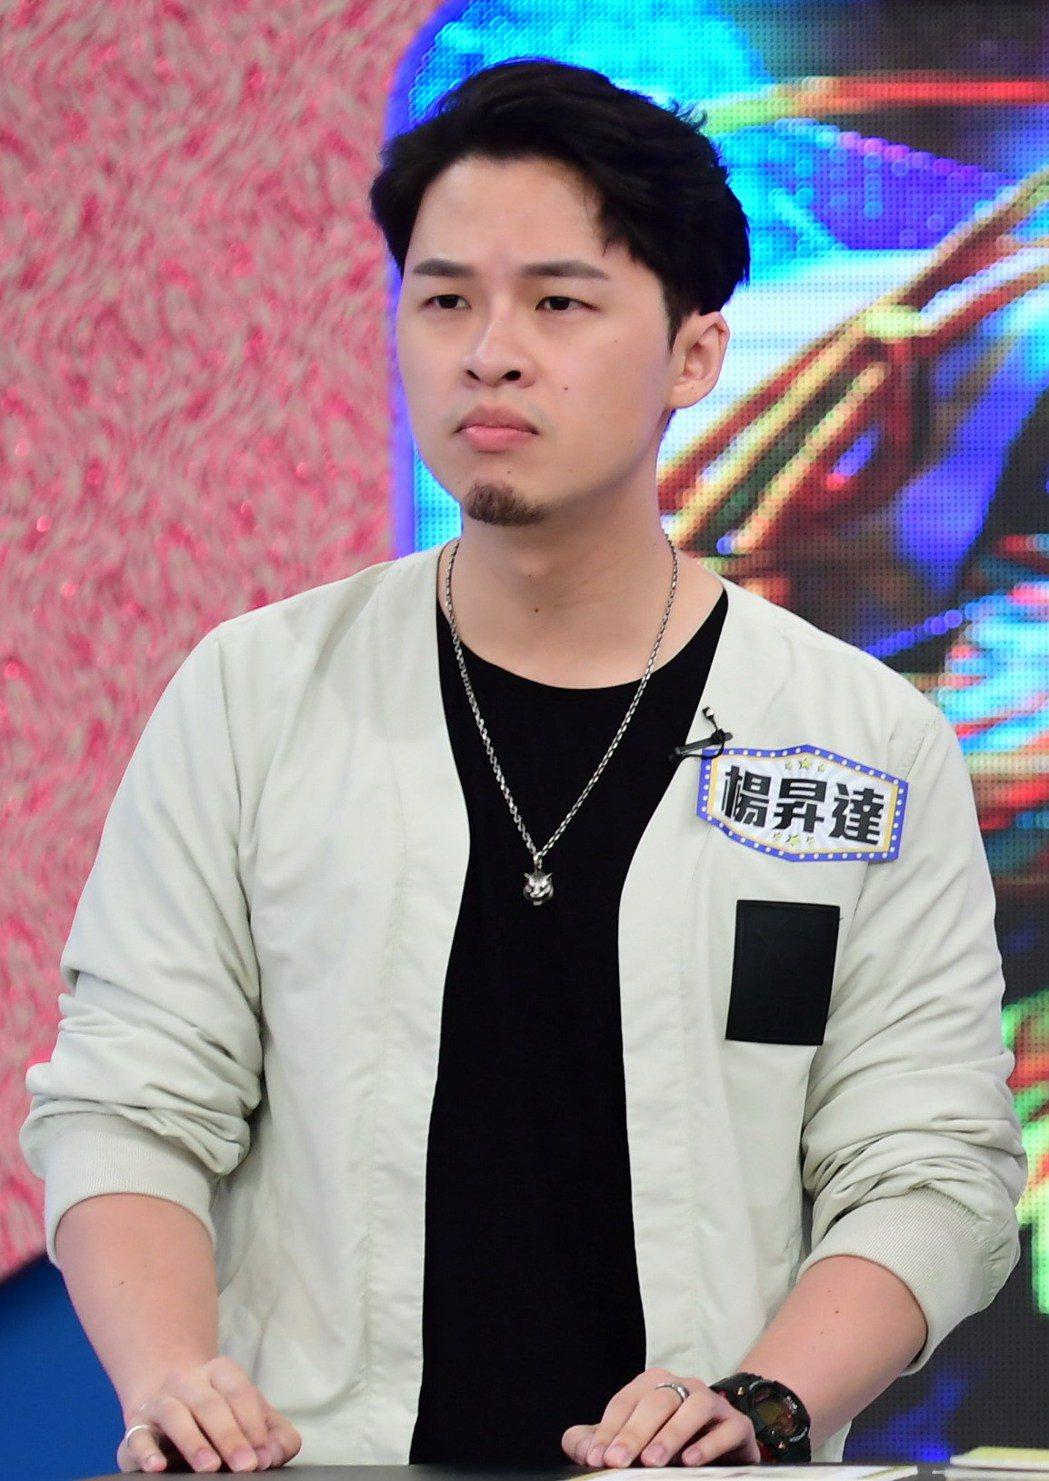 楊昇達現在上節目玩遊戲更謹慎。圖/華視提供